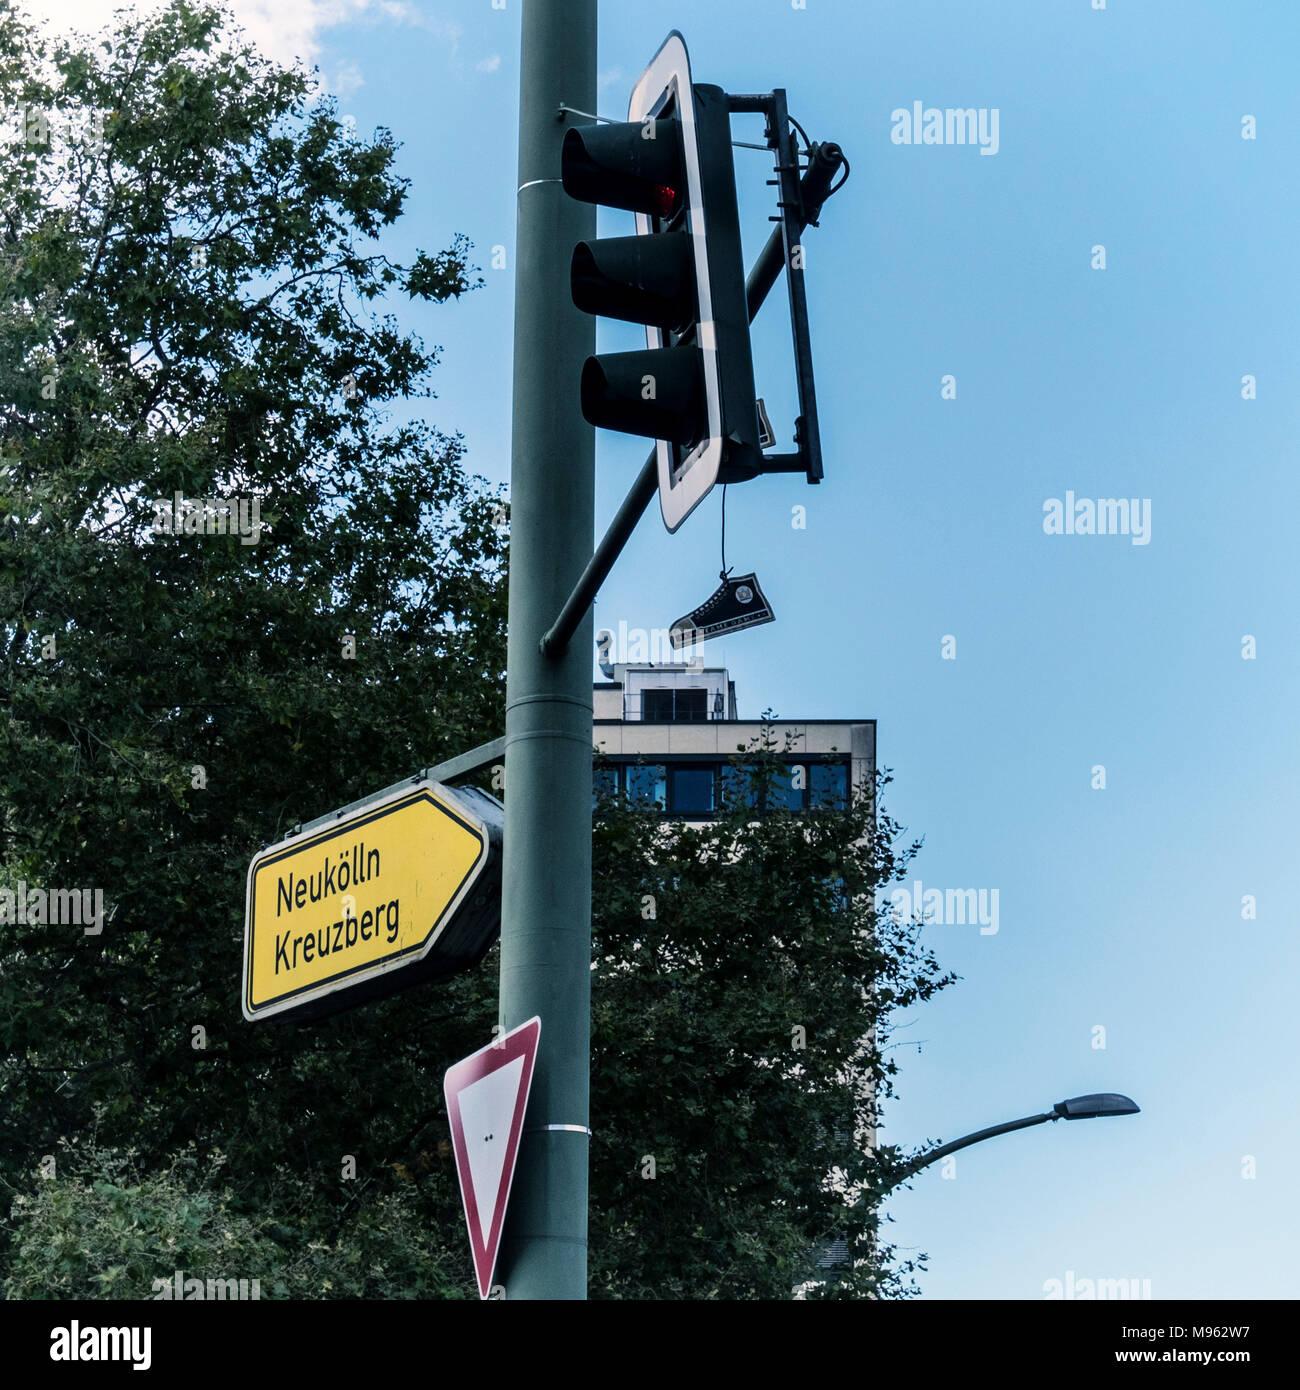 Ertrag unterzeichnen, Straßenschilder, Ampeln und suxpended Schuh gegen den blauen Himmel, Berlin Stockbild